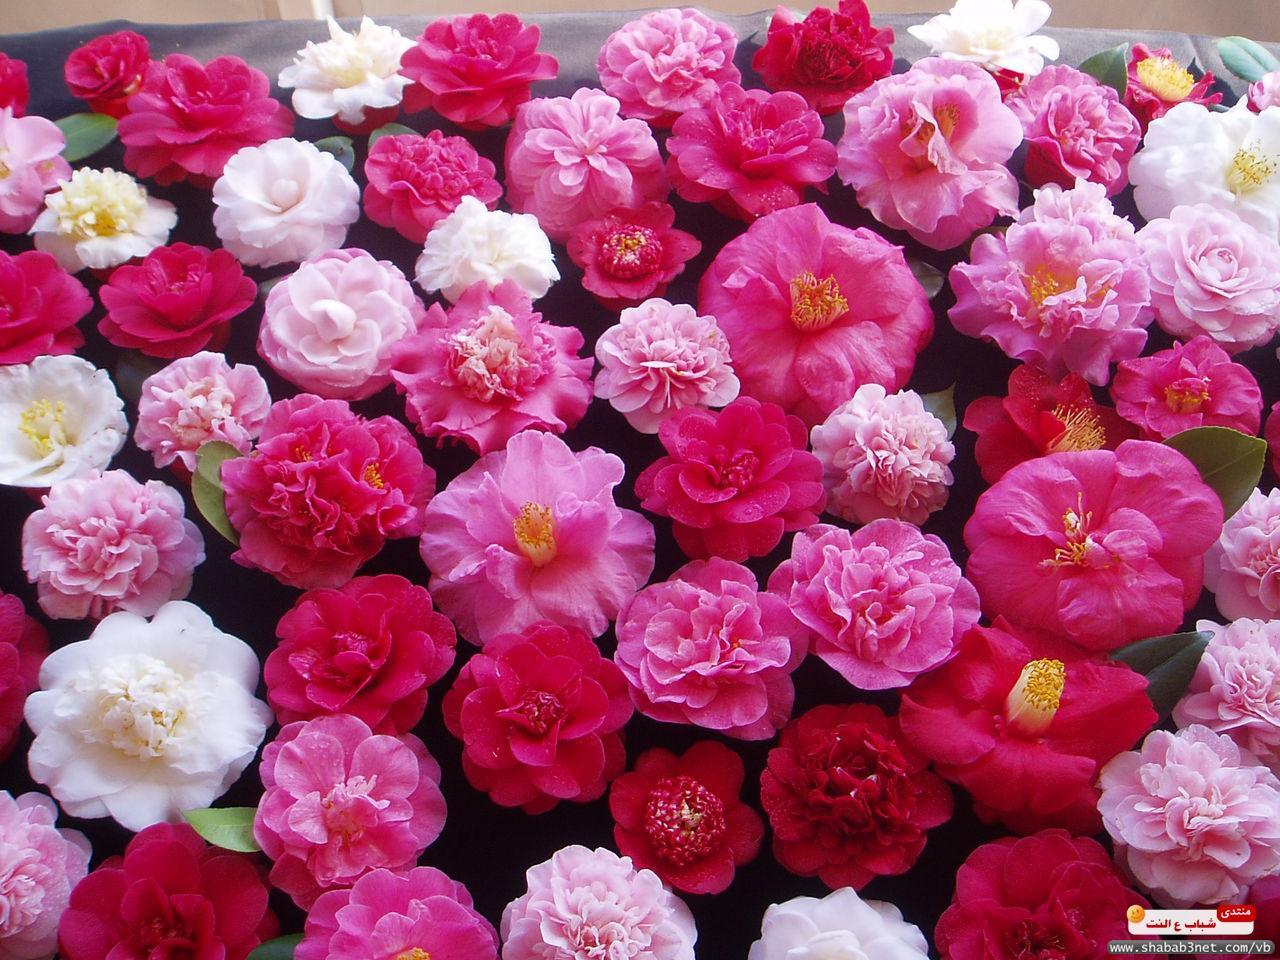 بالصور شعر عن الورد , اجمل كلمات الشعر عن الورد 192 3